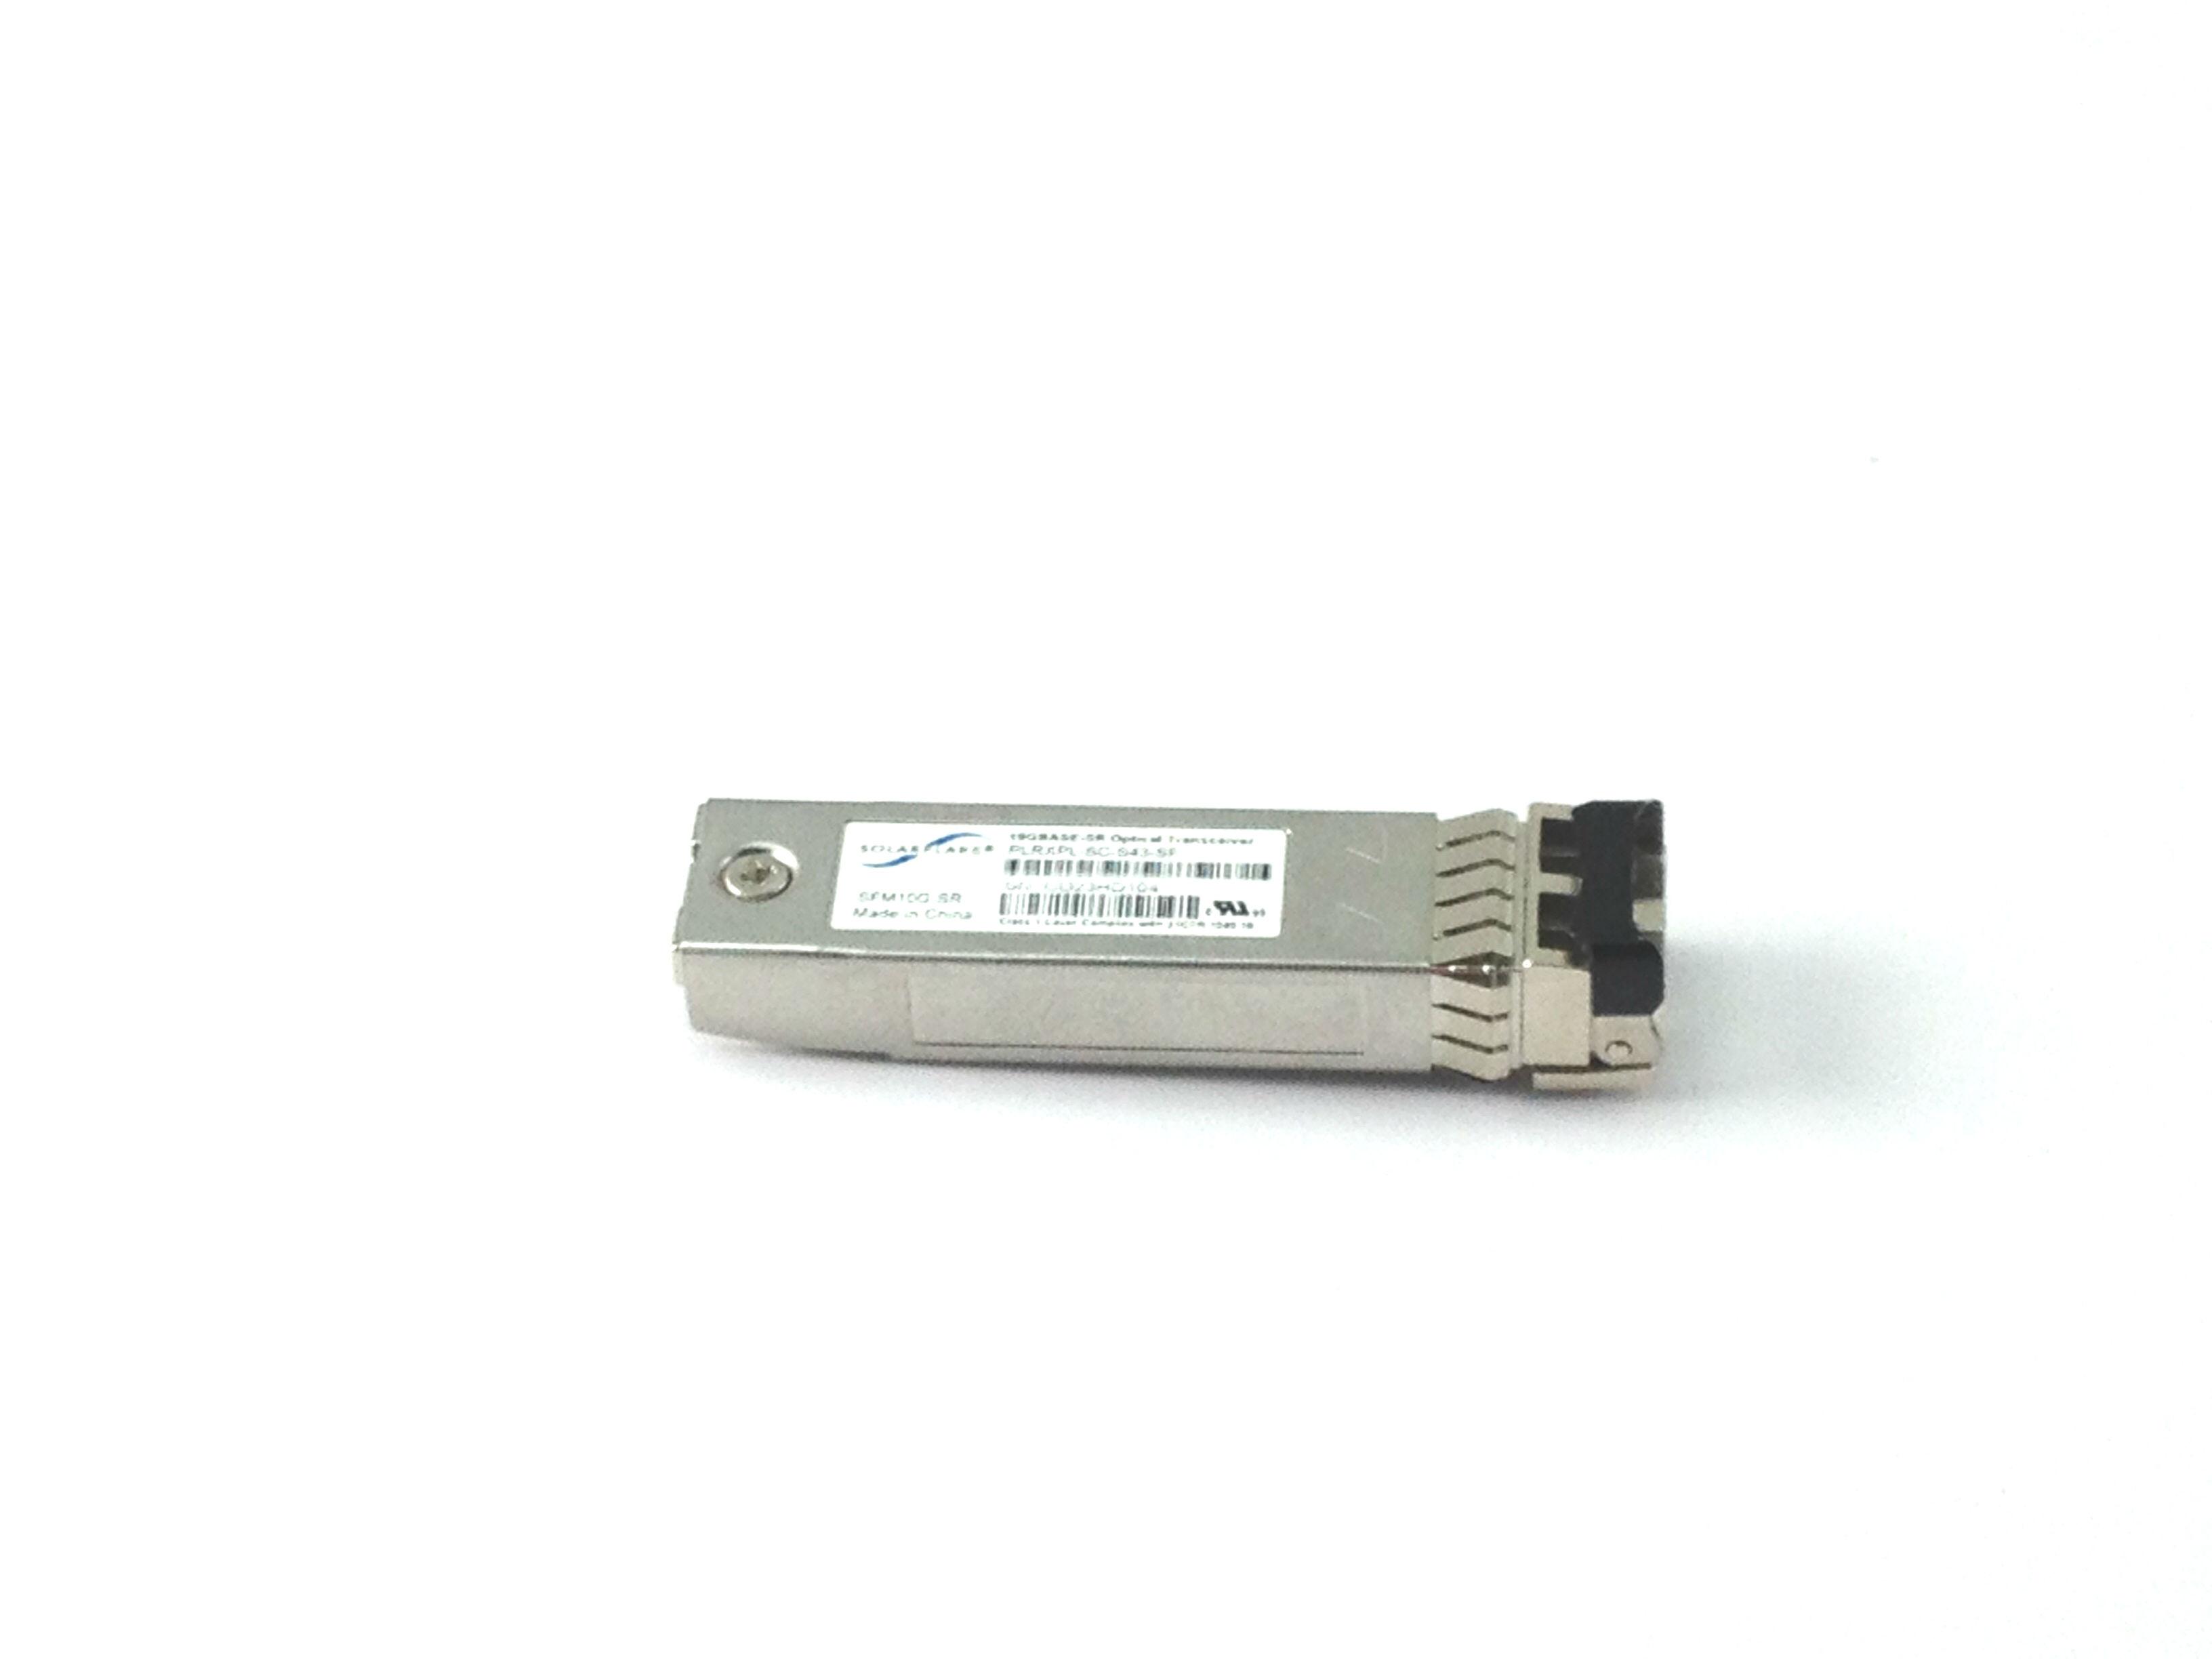 Solarflare 10Base-Sr 10Gbe Optical SFP Transceiver (SFM10G-SR)